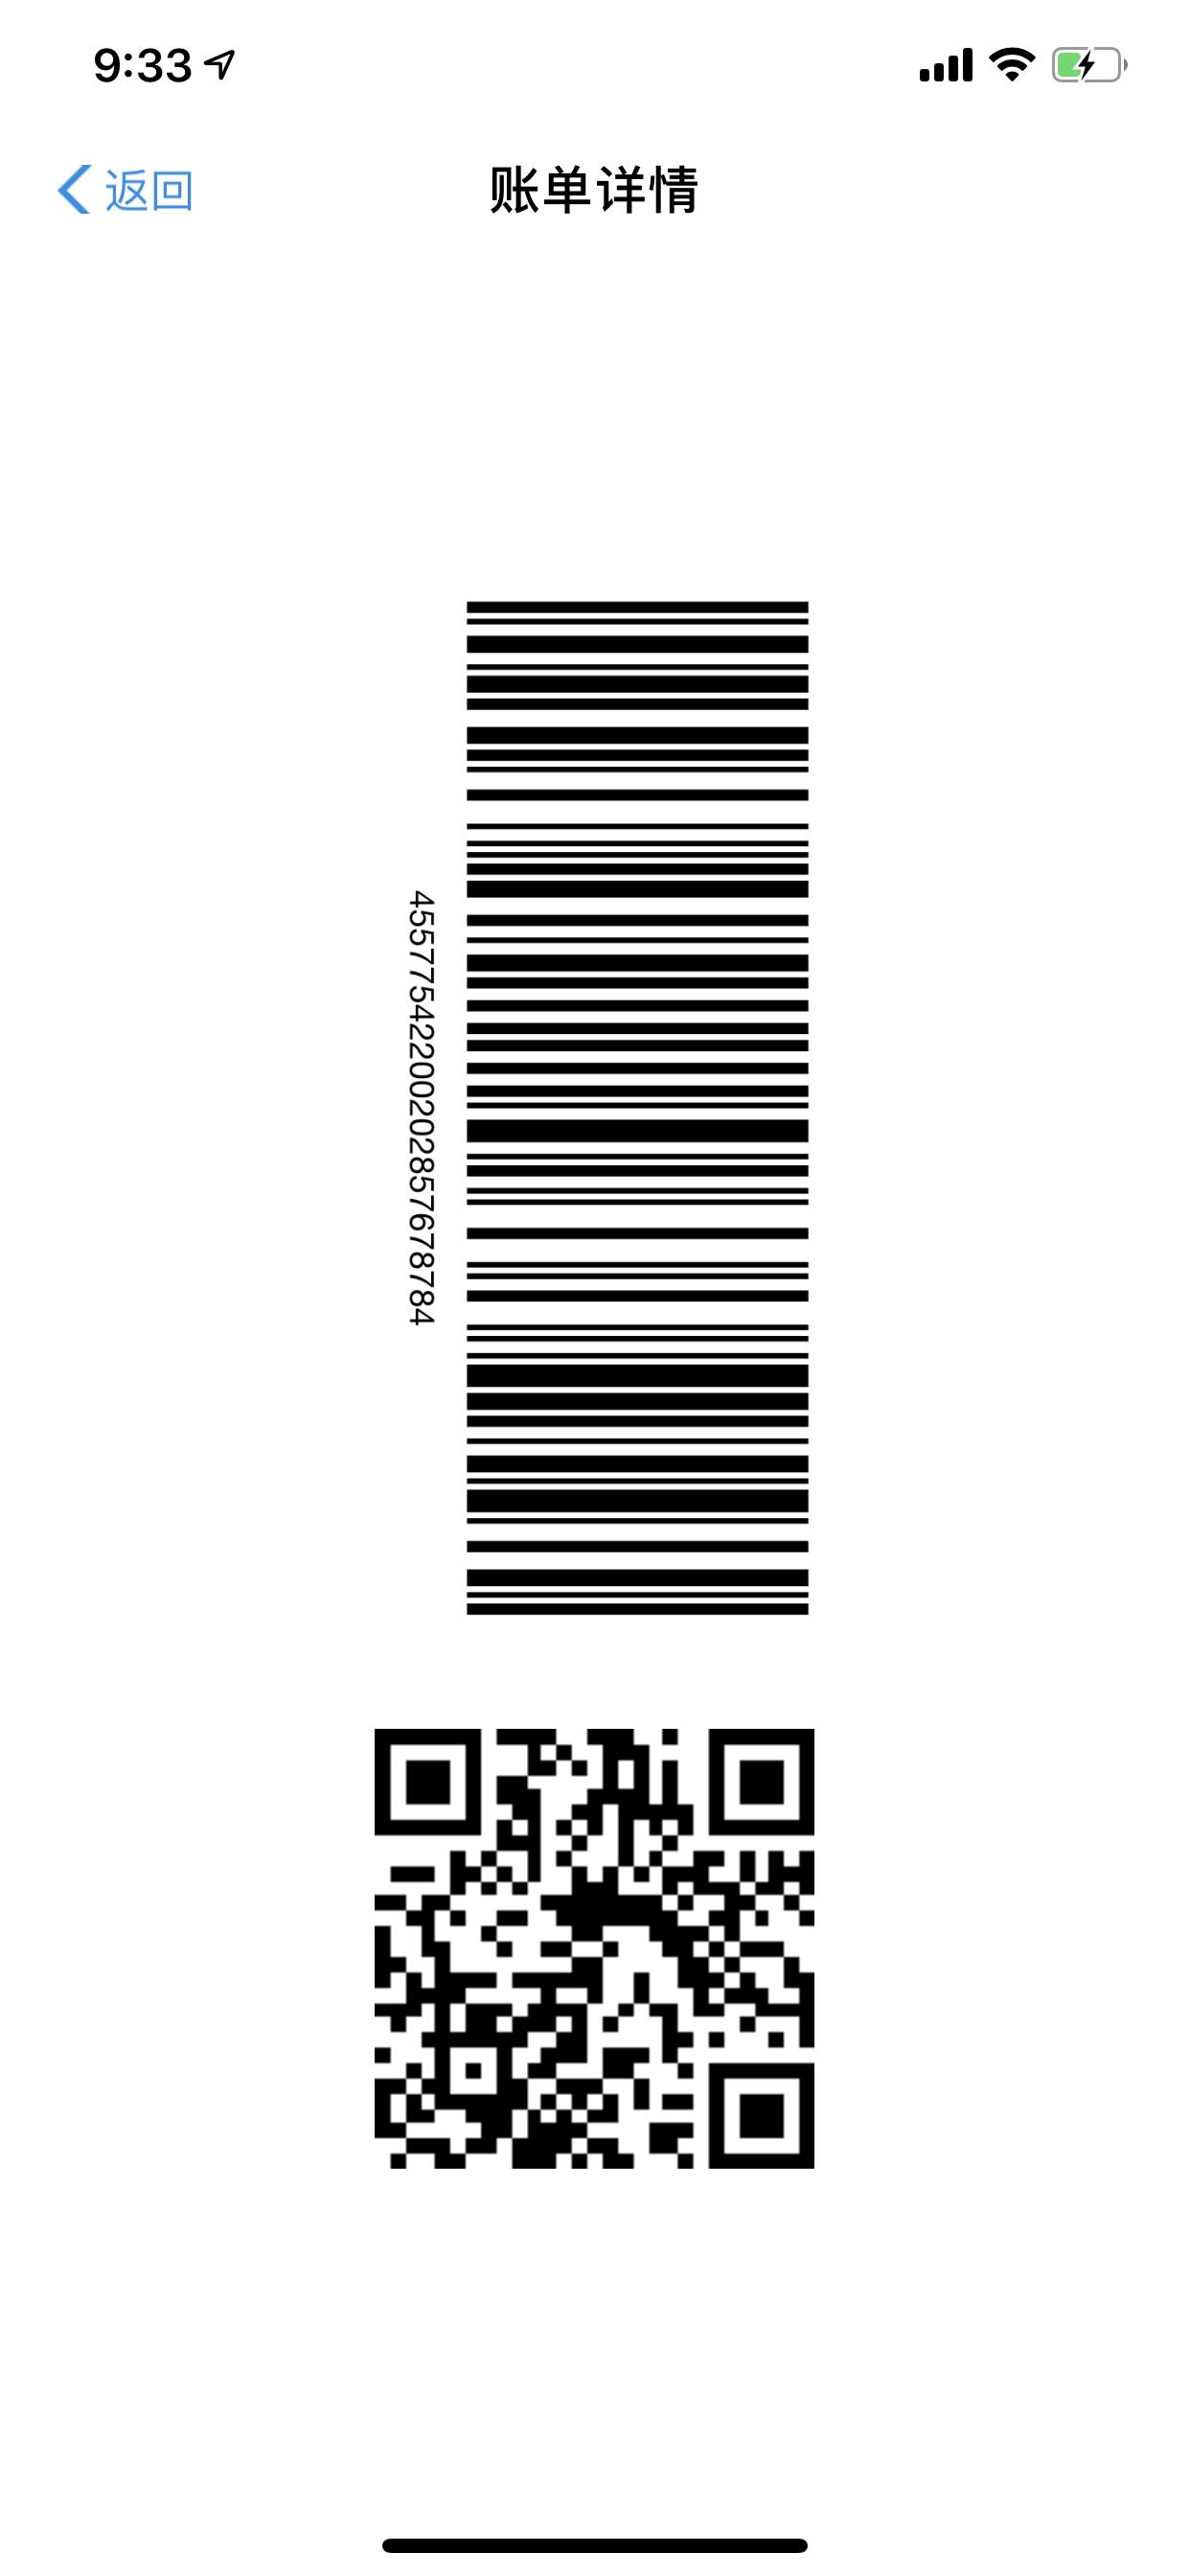 264CAC19-24E7-43BE-80C9-2D94325CDDA7.png